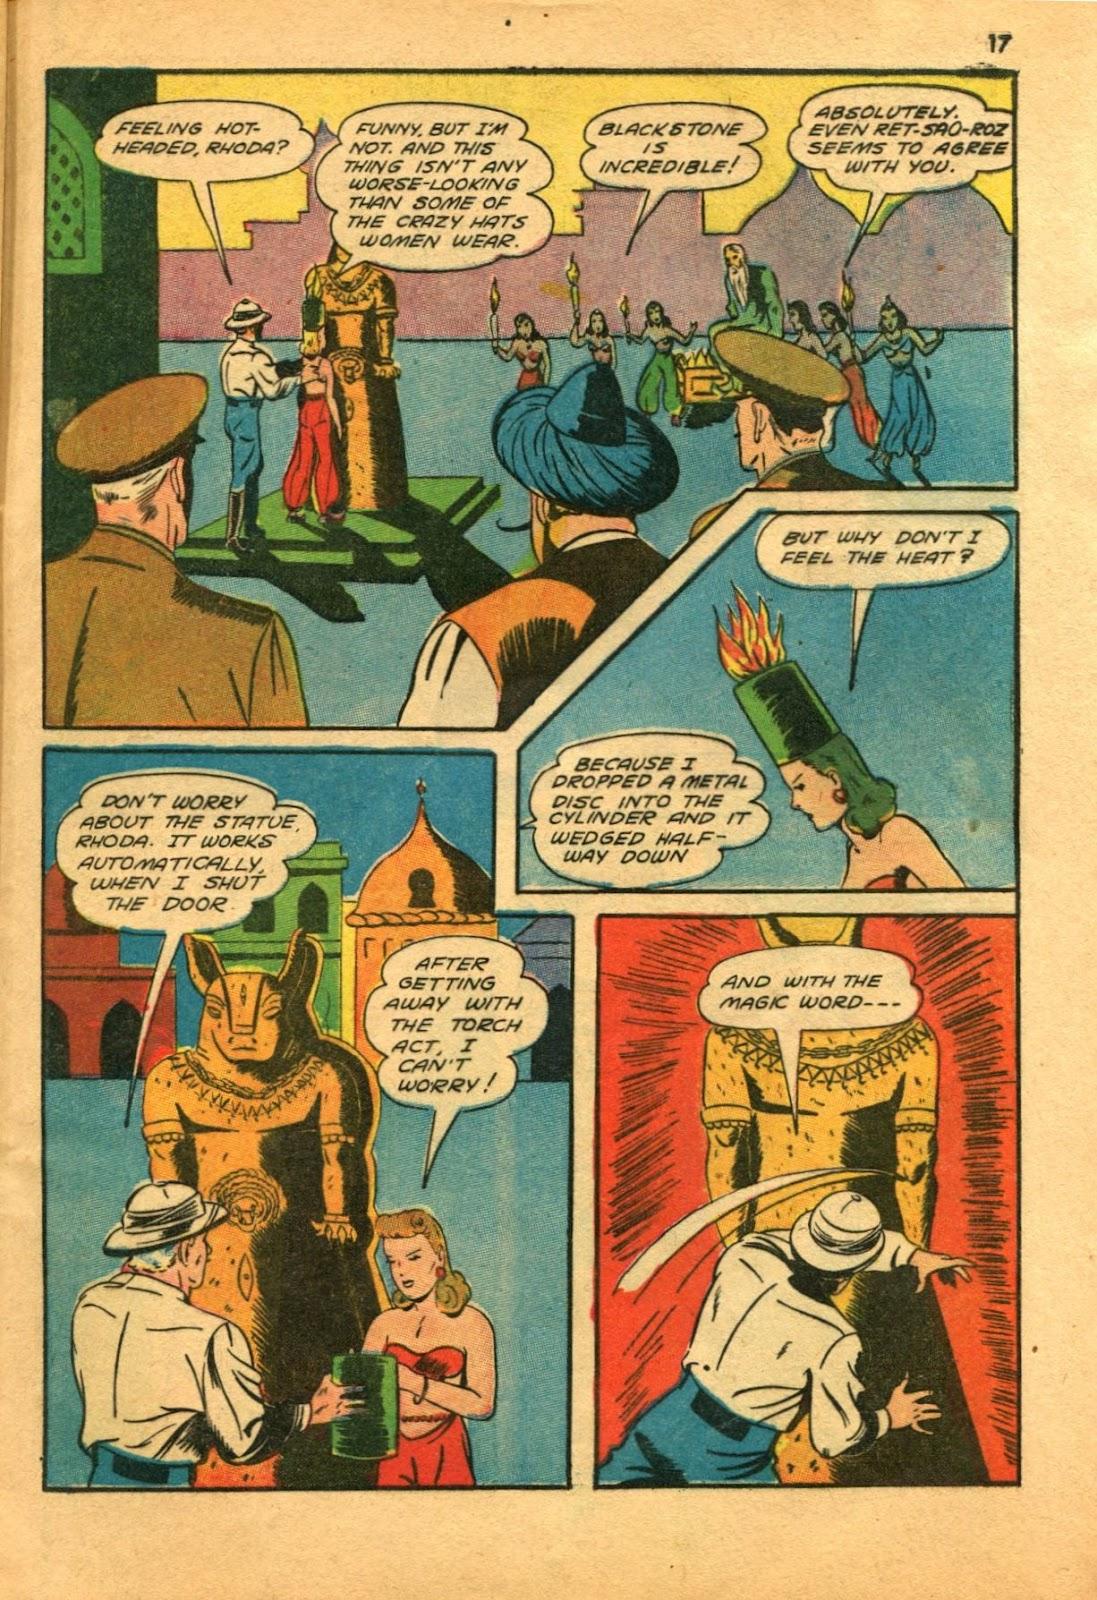 Read online Super-Magician Comics comic -  Issue #11 - 17